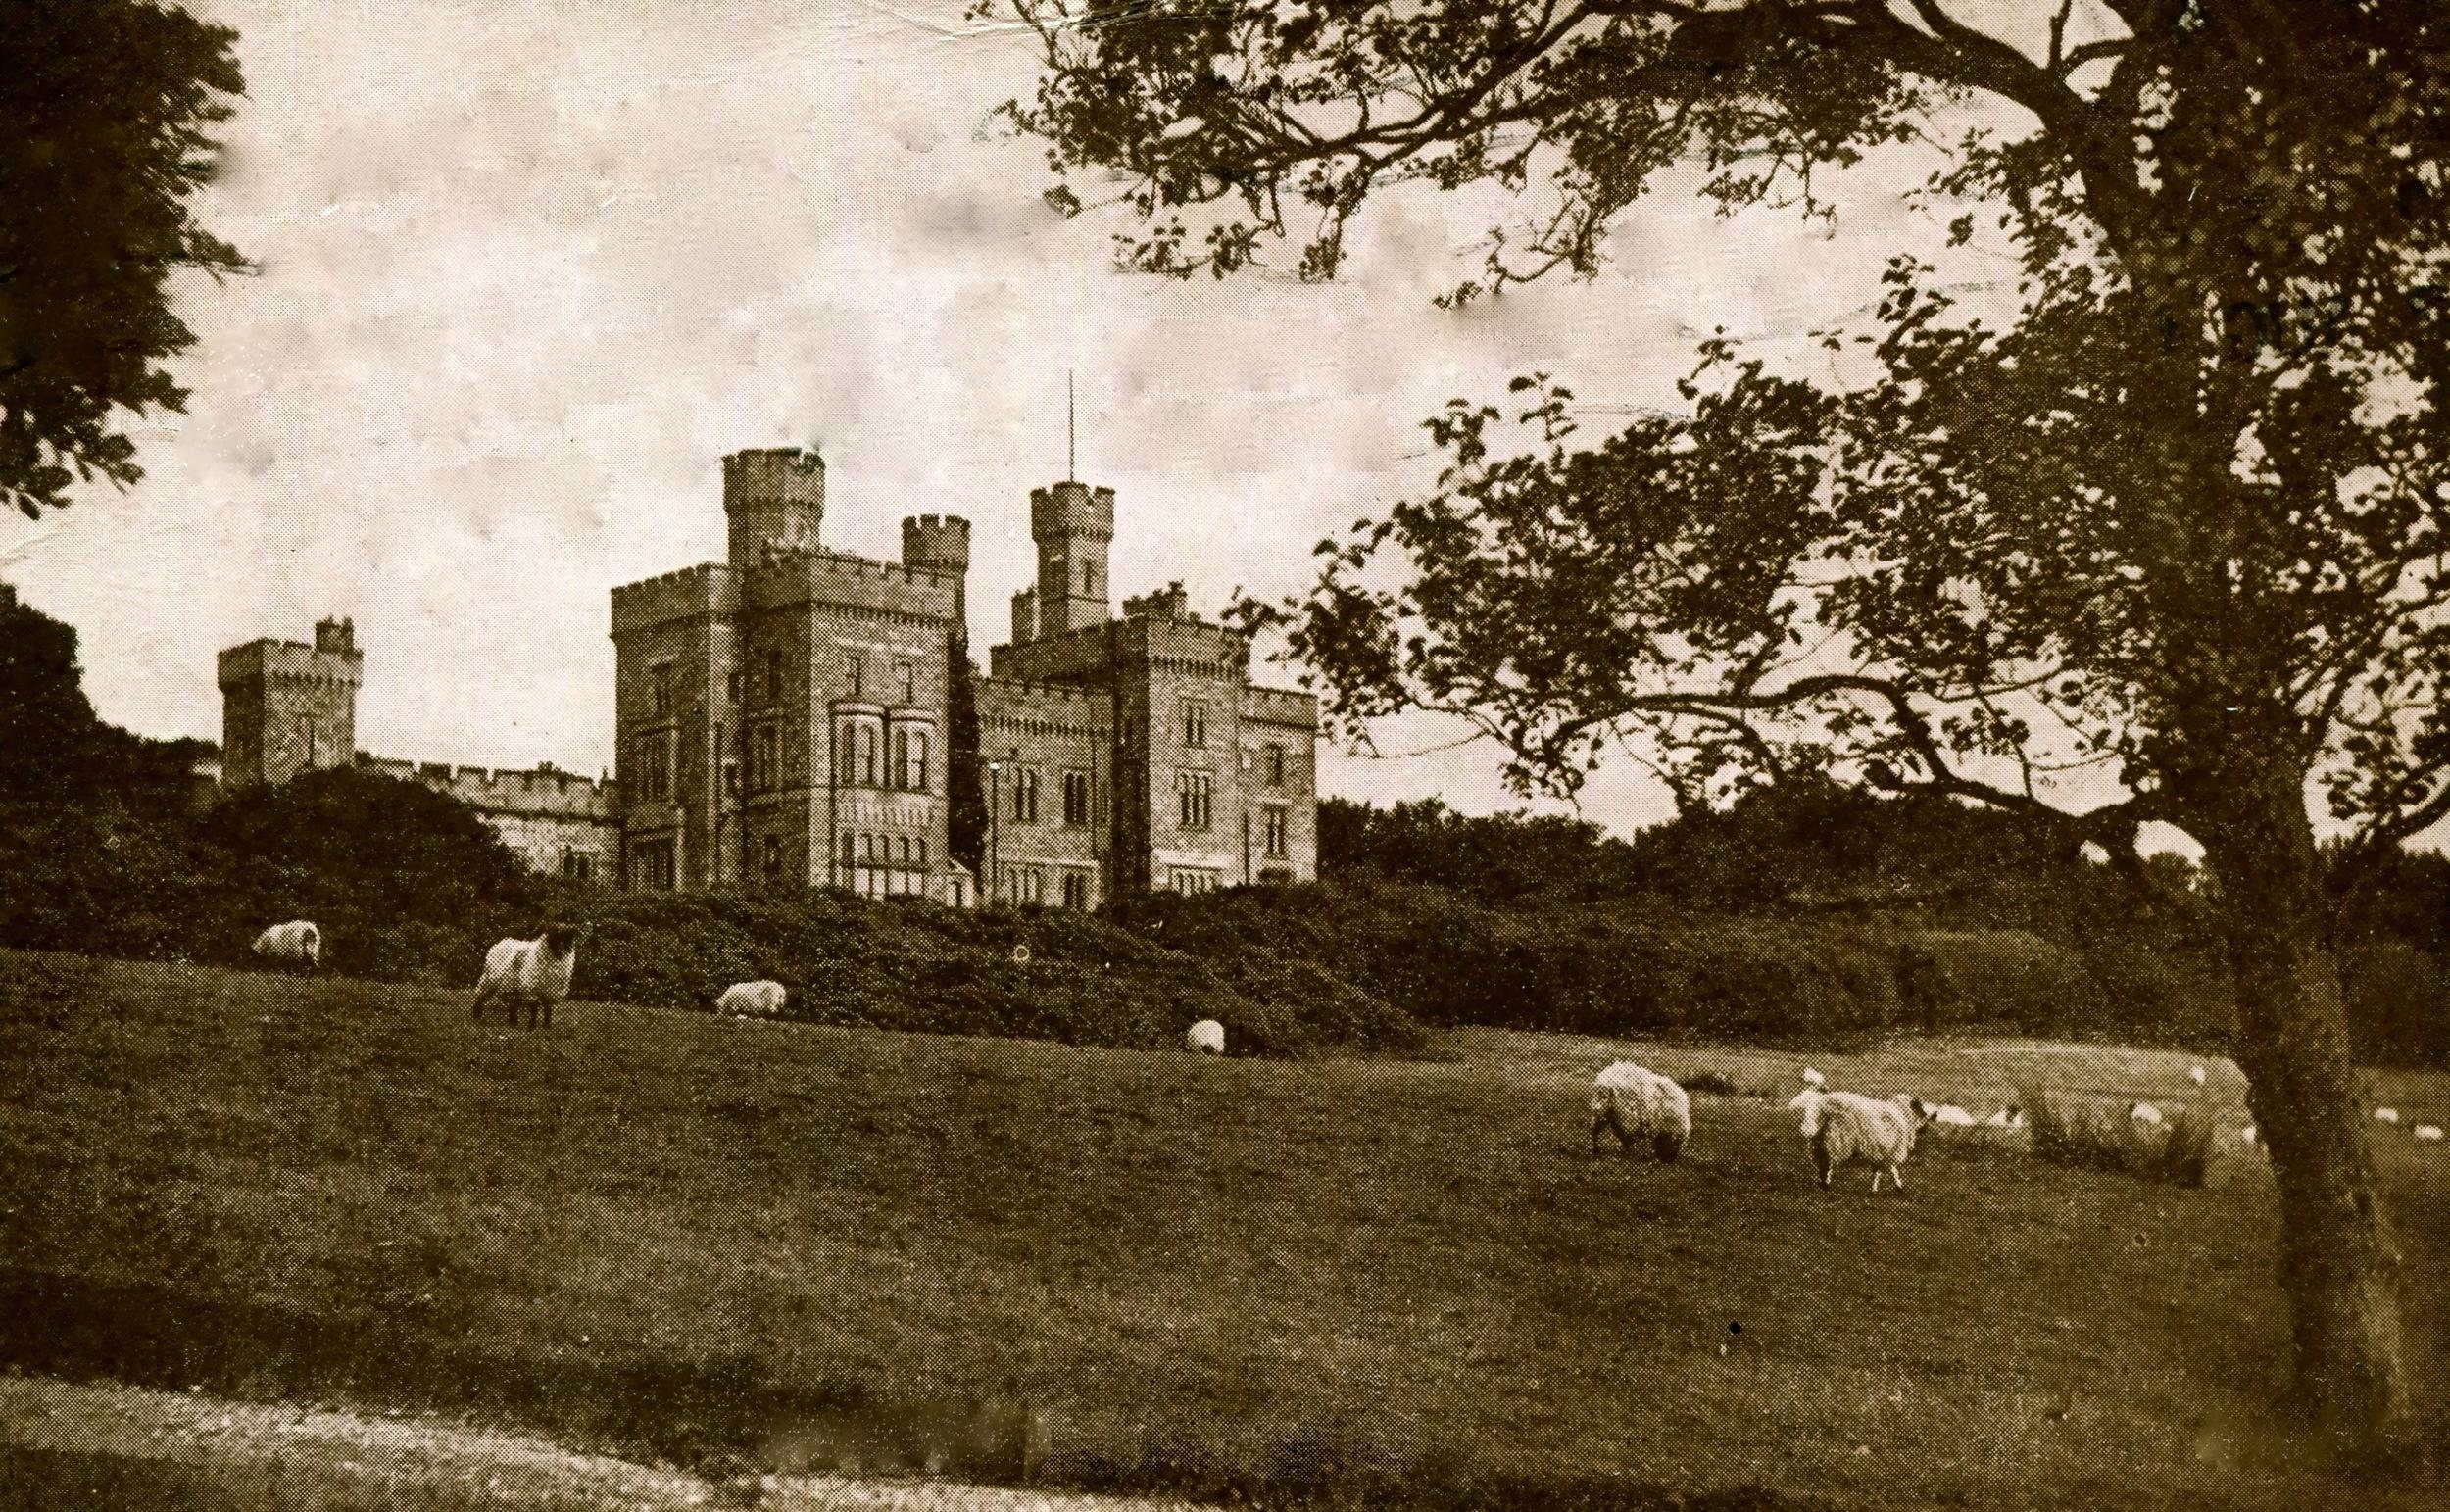 Lewis Castle, Scotland